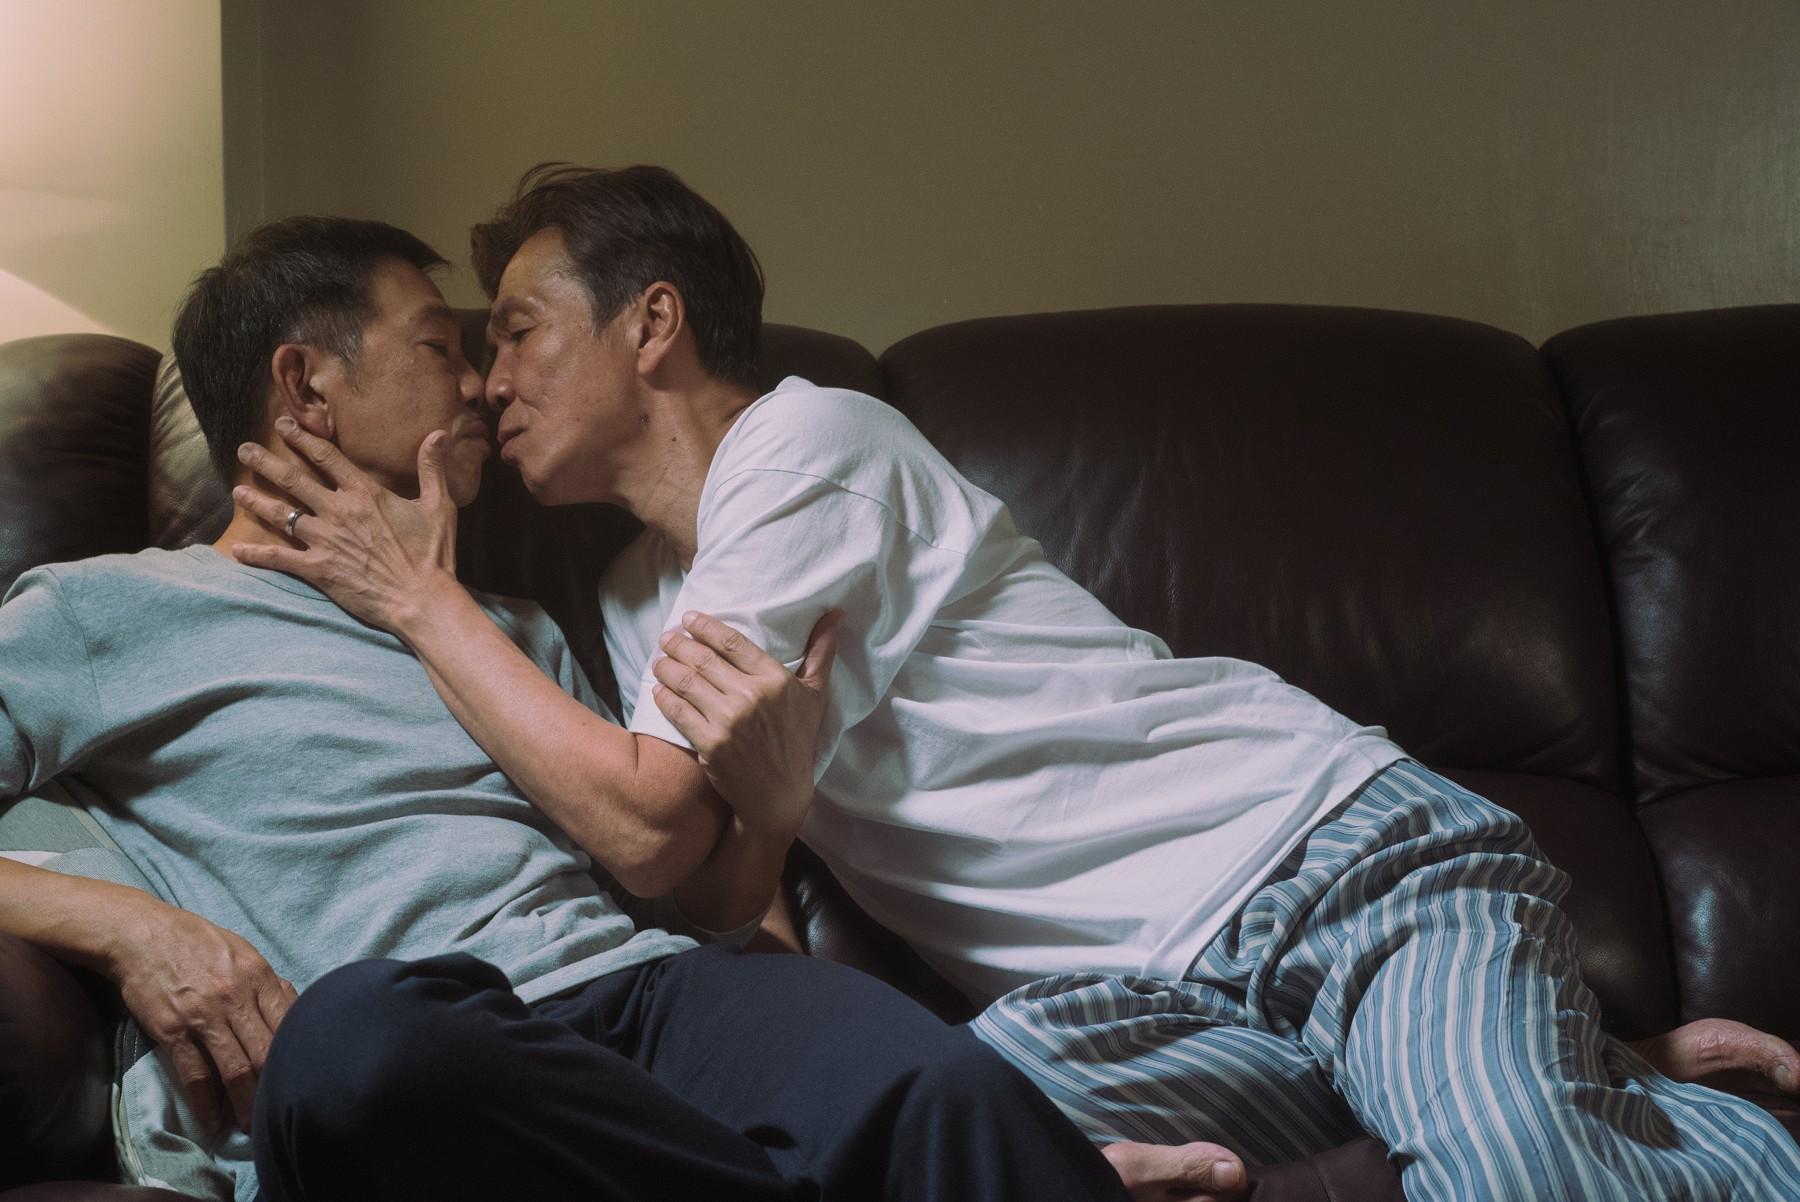 袁富華(左)、太保(右)兩人演出親密接吻戲毫無包袱